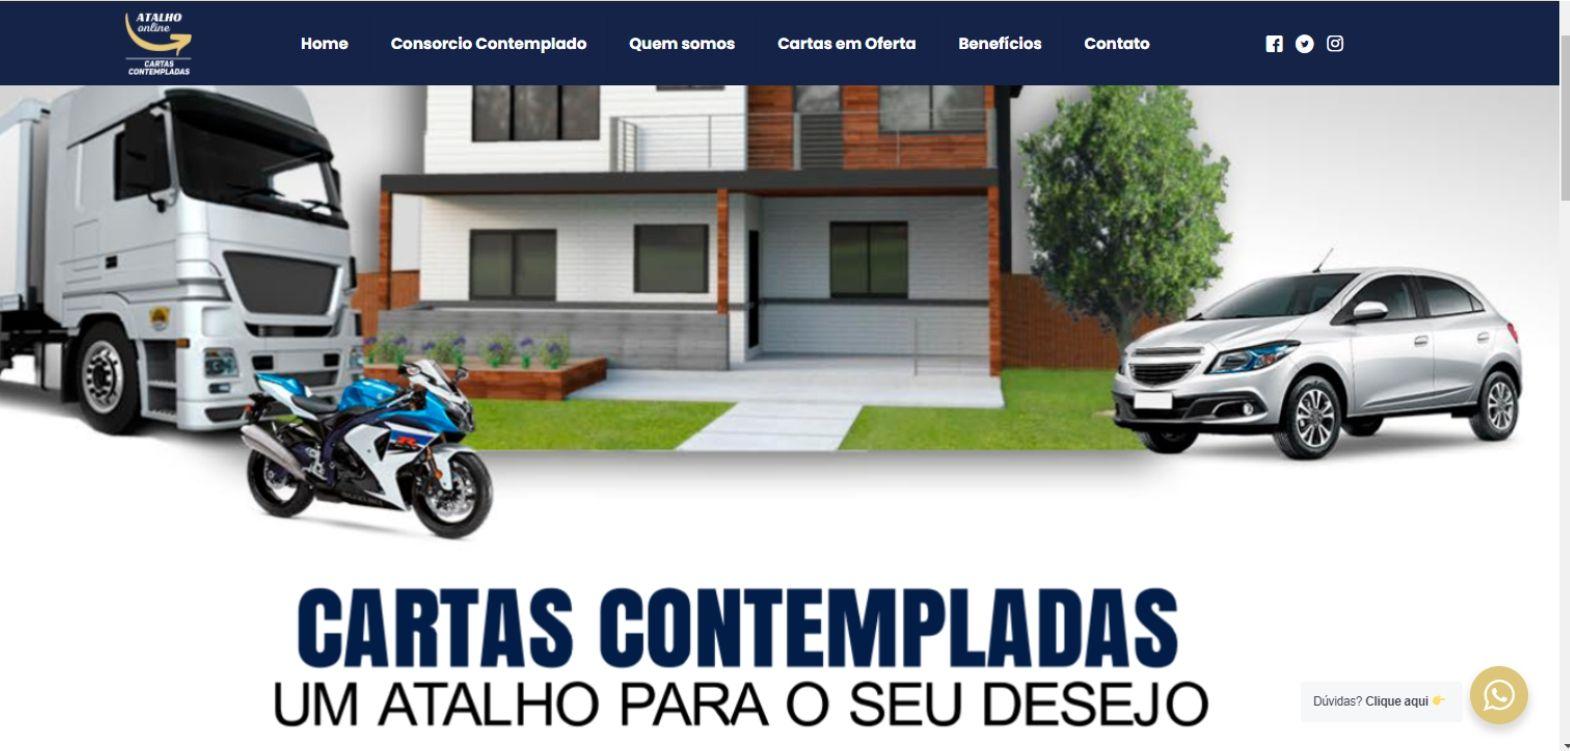 Site da Atalho.Online